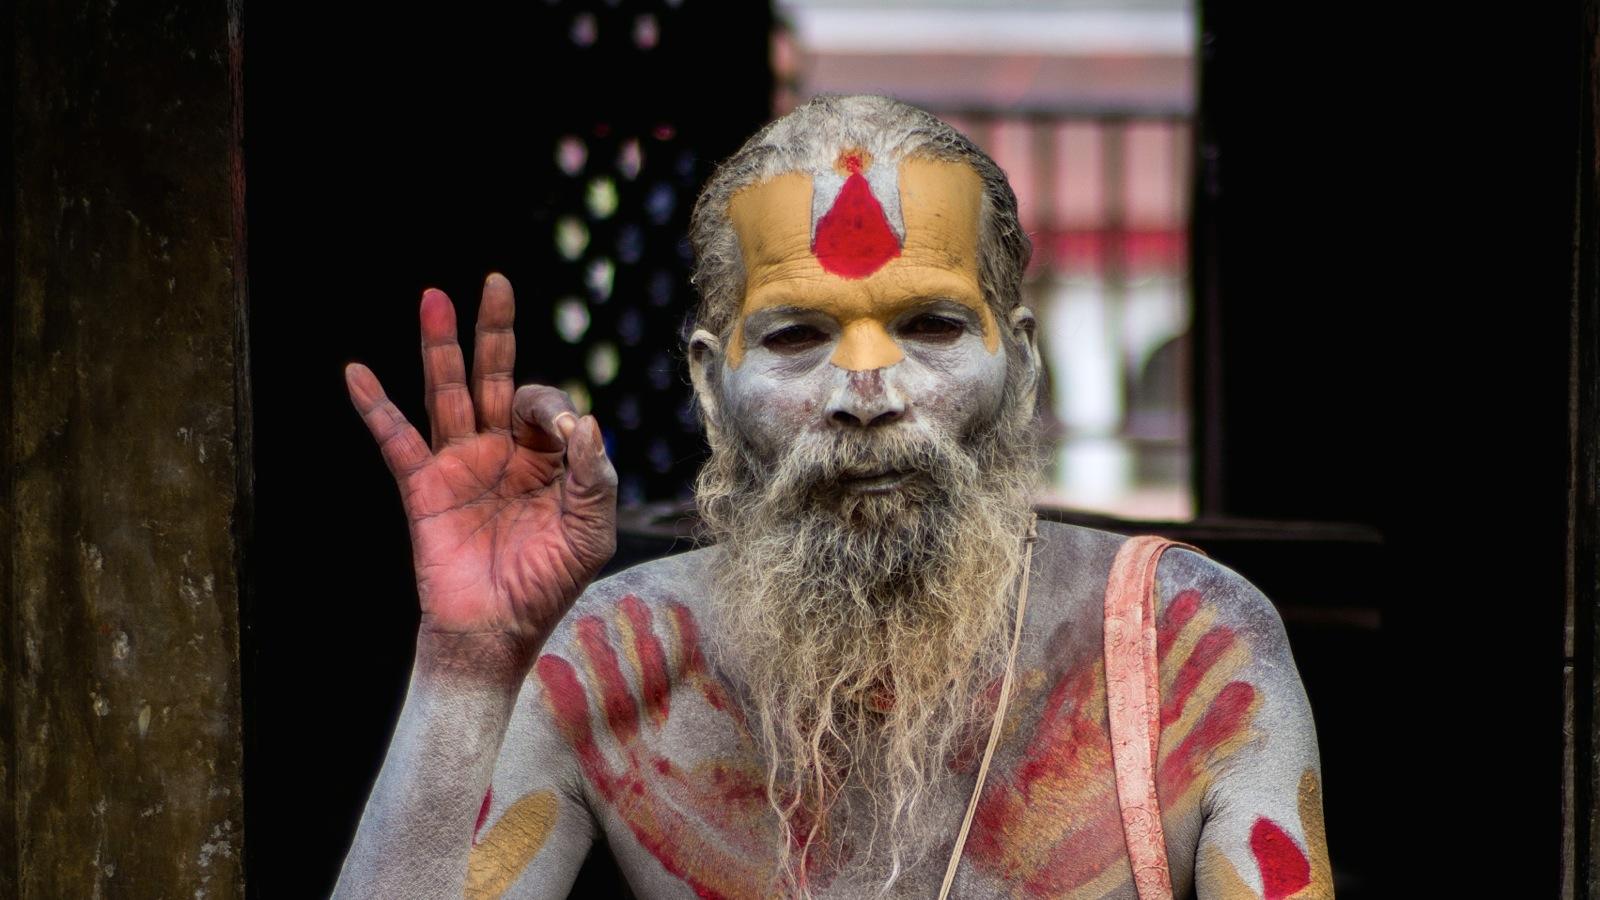 Hero Maha Shivaratri Httpflic.Krpfjsztn   Version 2